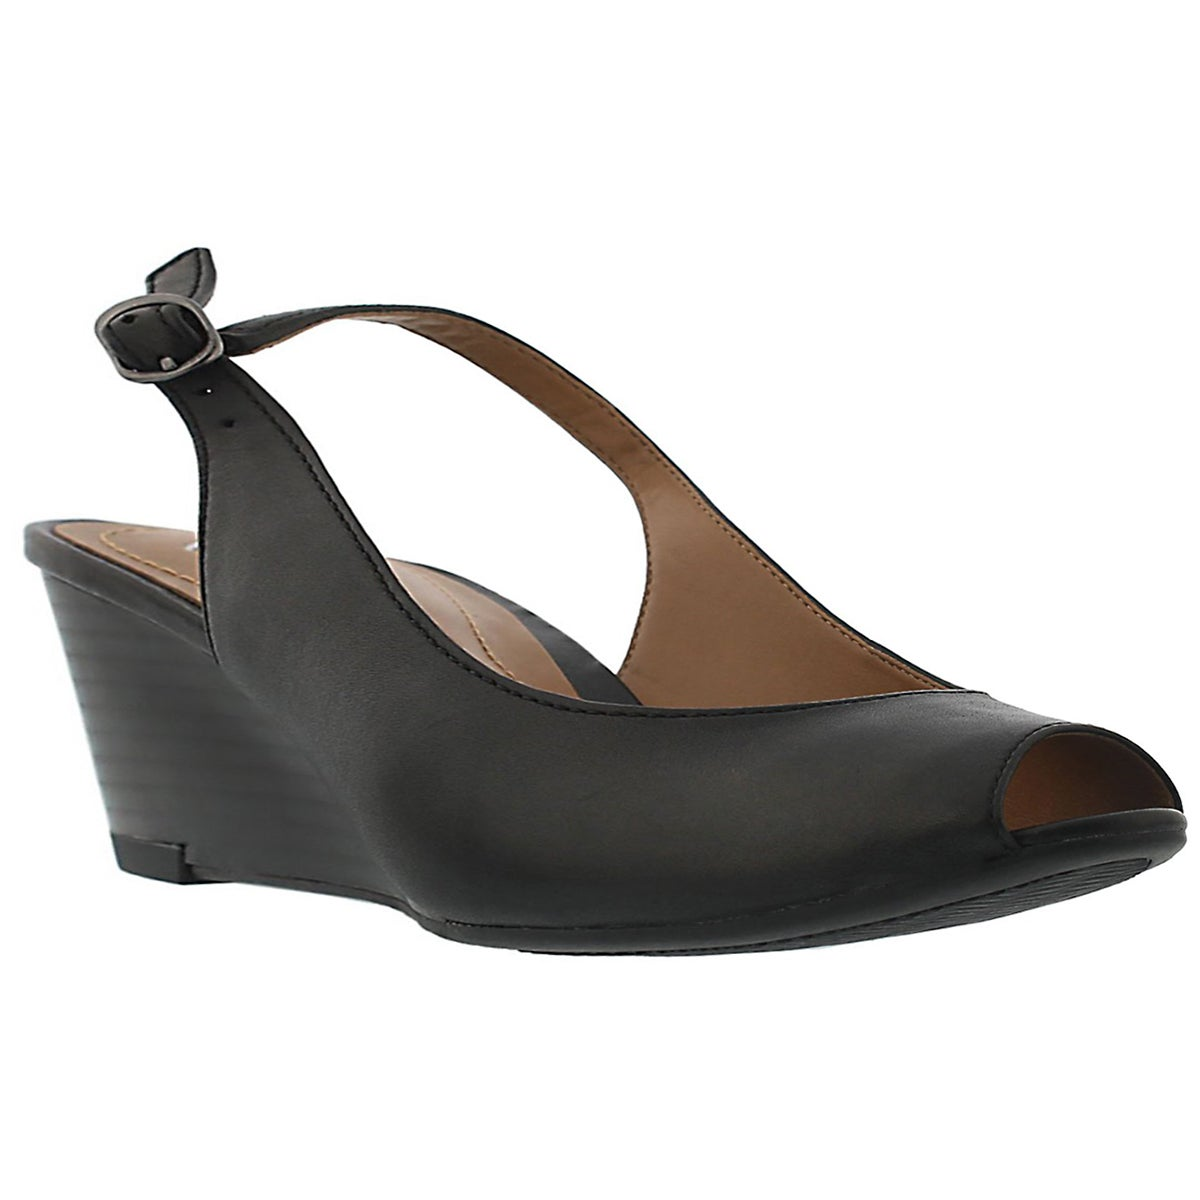 Women's BRIELLE APRIL black wedge dess sandals